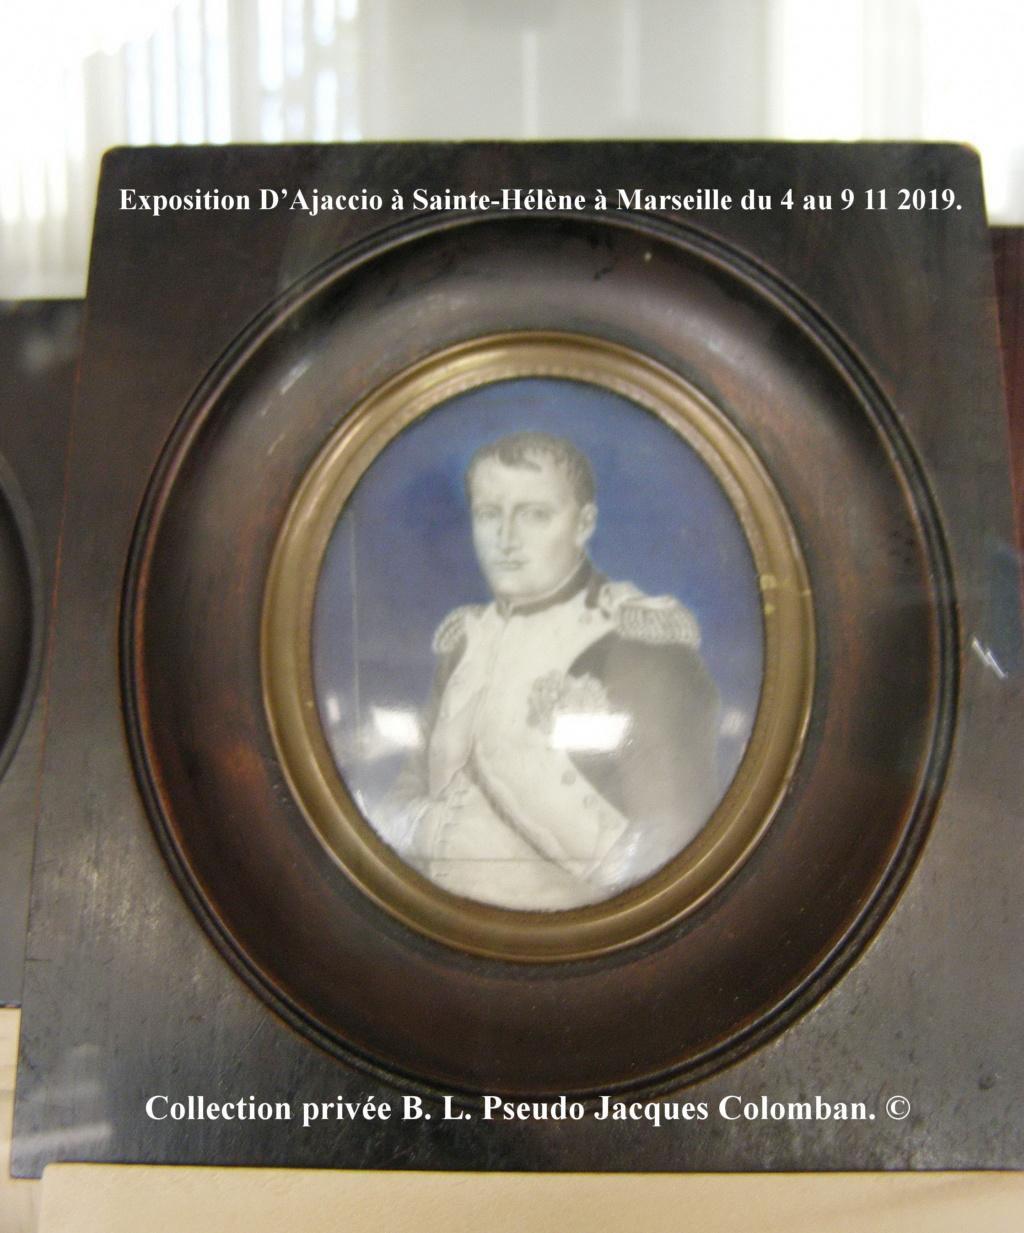 Exposition D'Ajaccio à Sainte-Hélène à Marseille. 3010